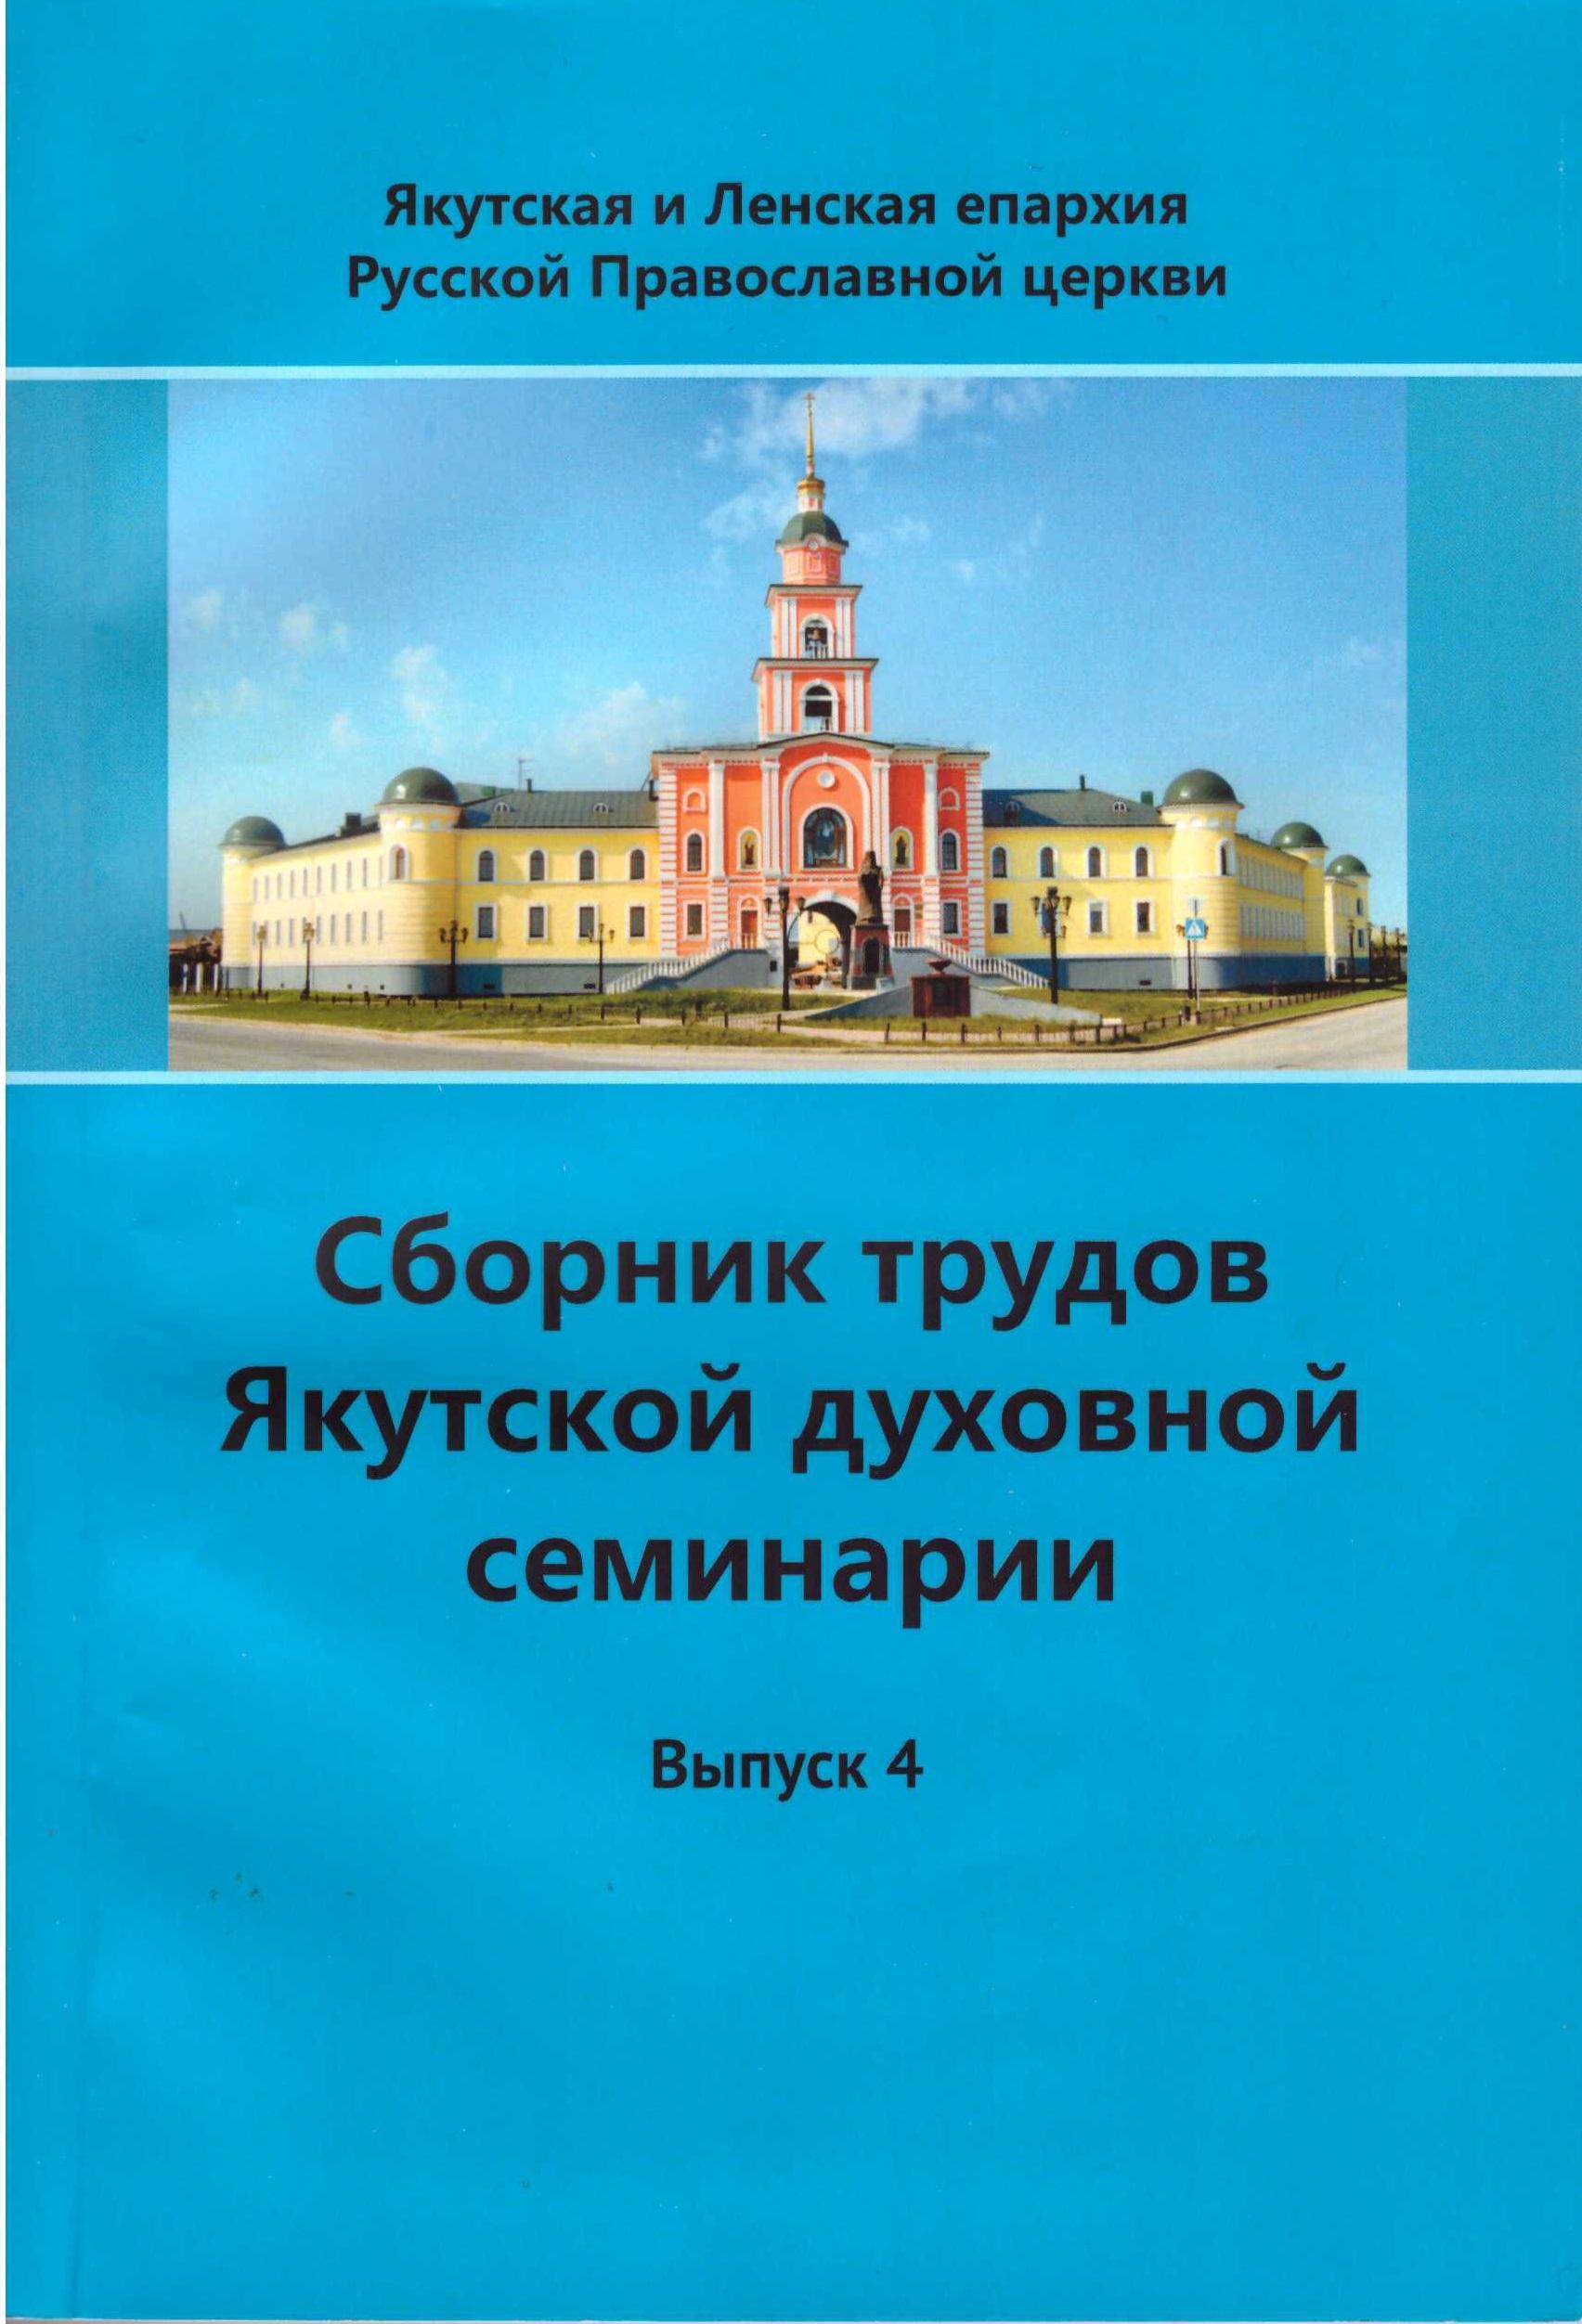 Сборник трудов Якутской духовной семинарии. Выпуск 4